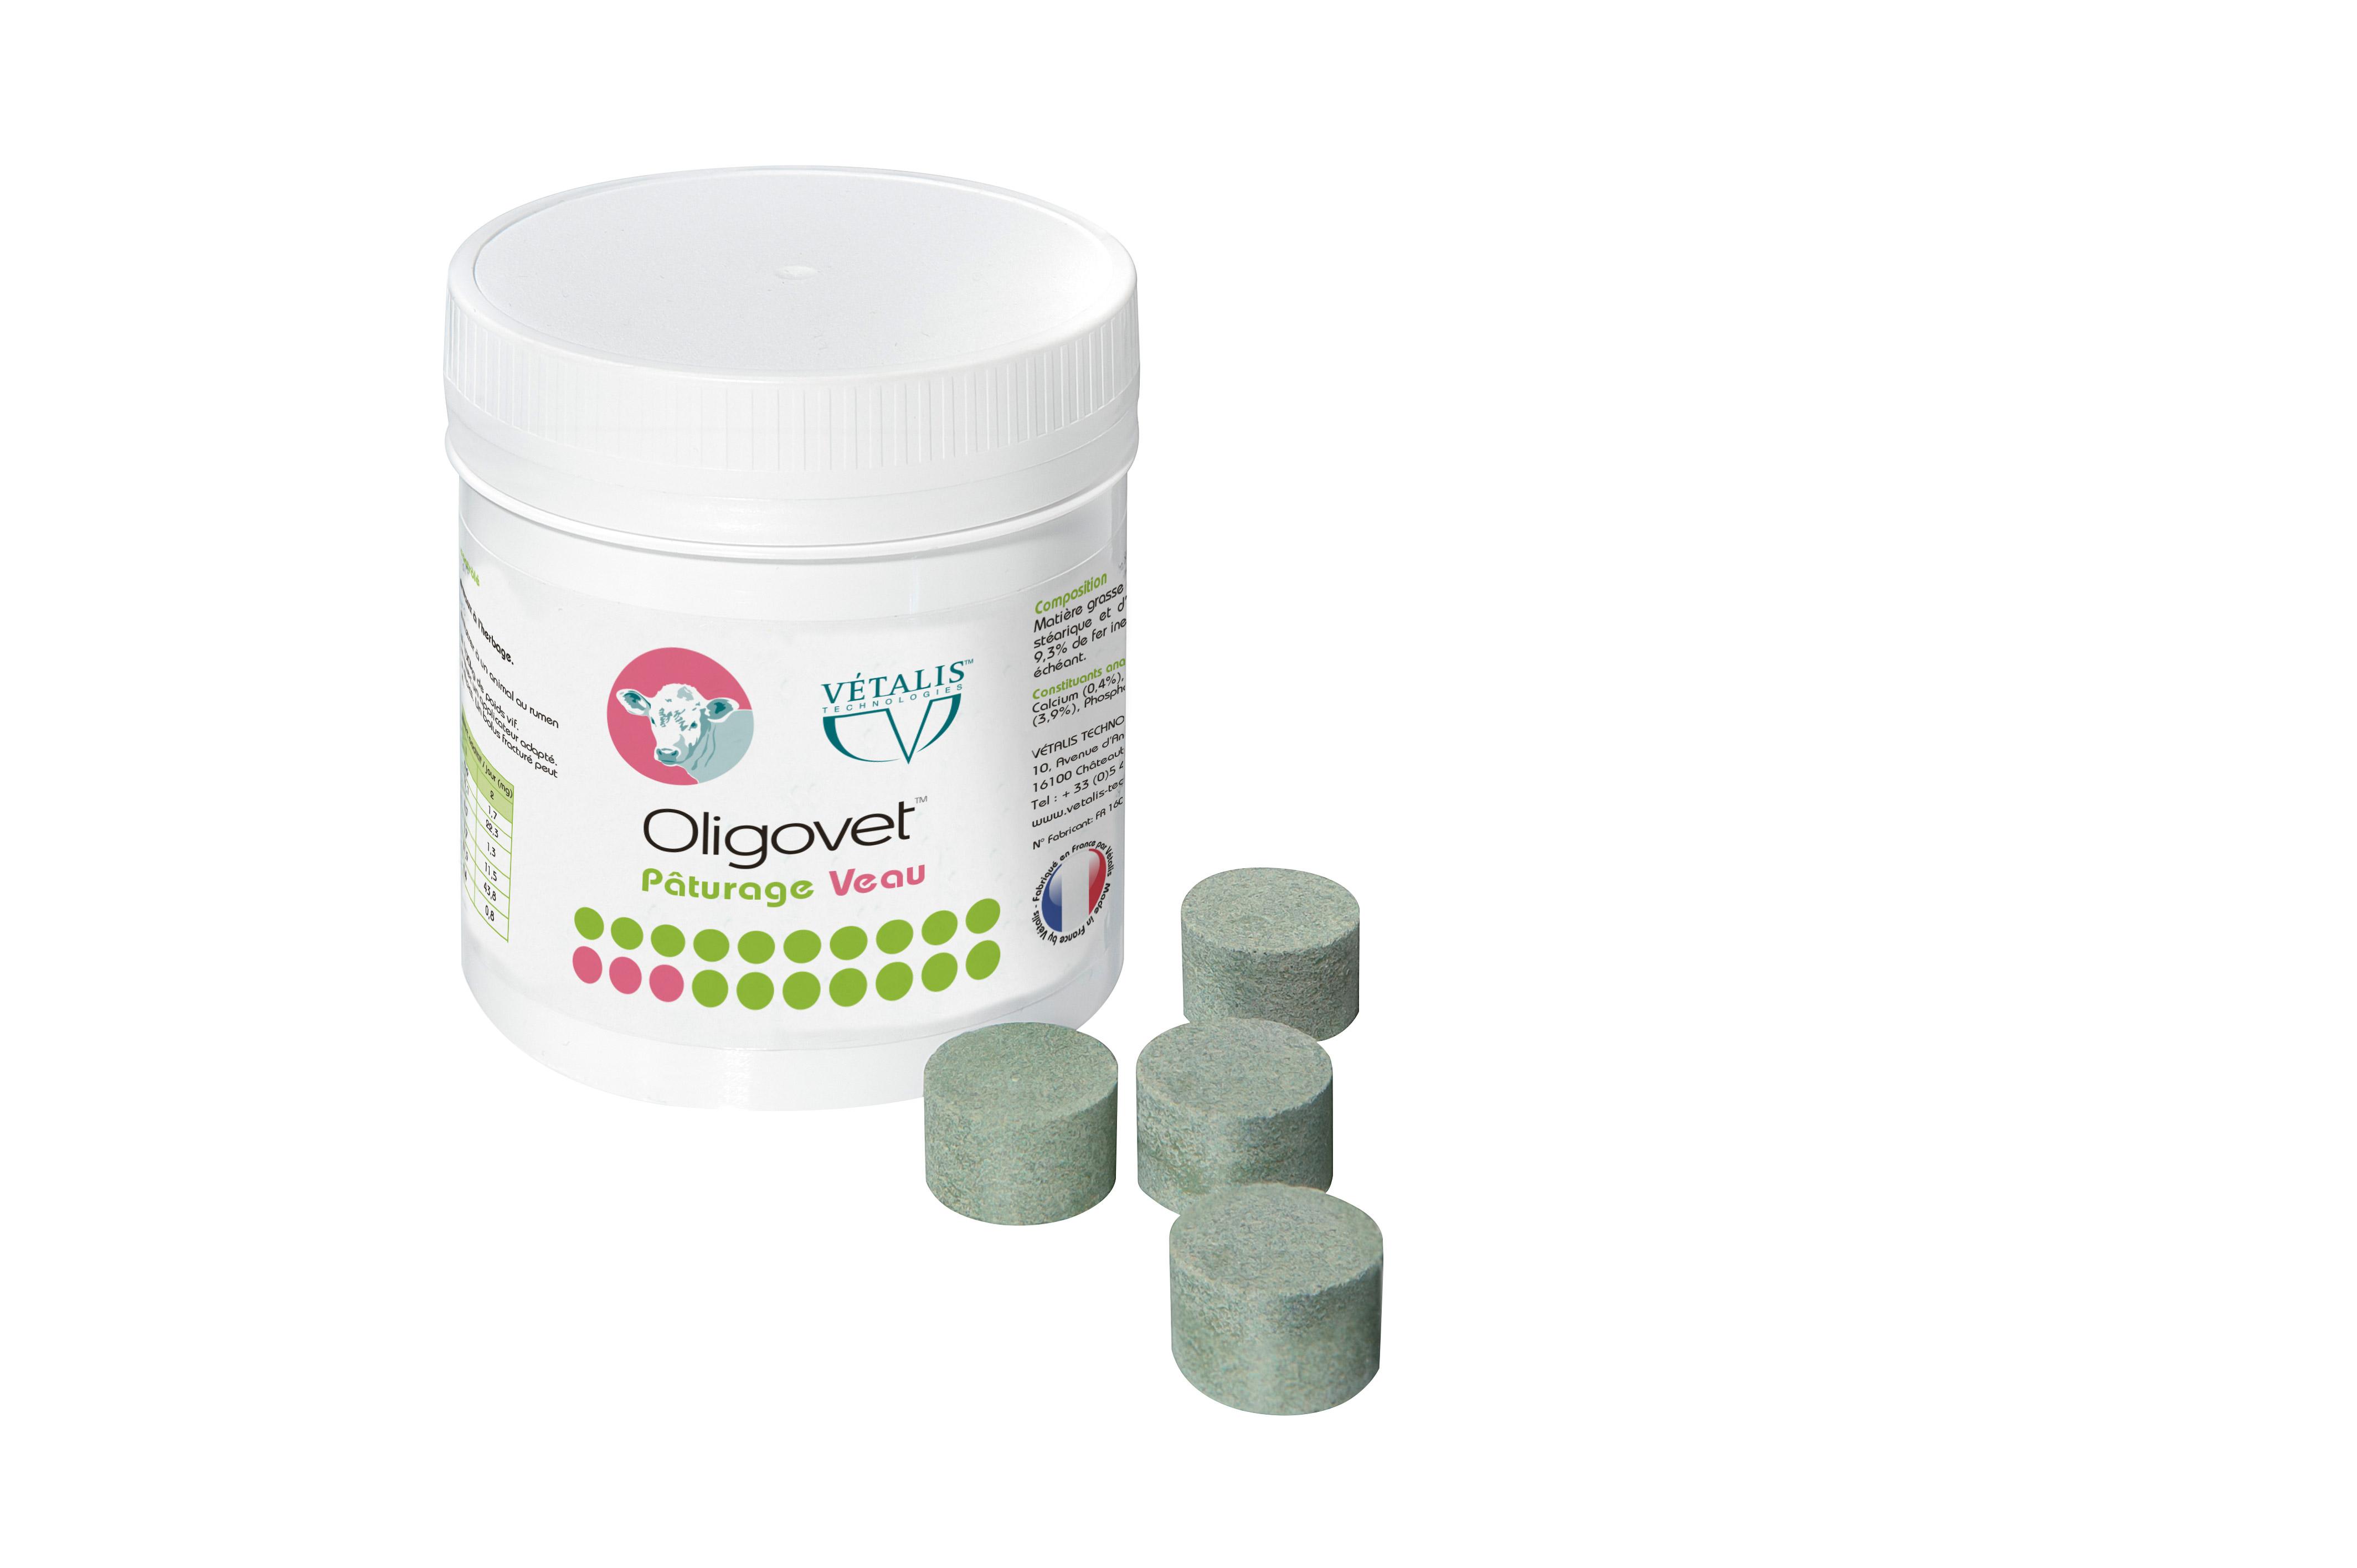 OLIGOVET pâturage veau boite de 25 bolus vitamines et oligo-éléments